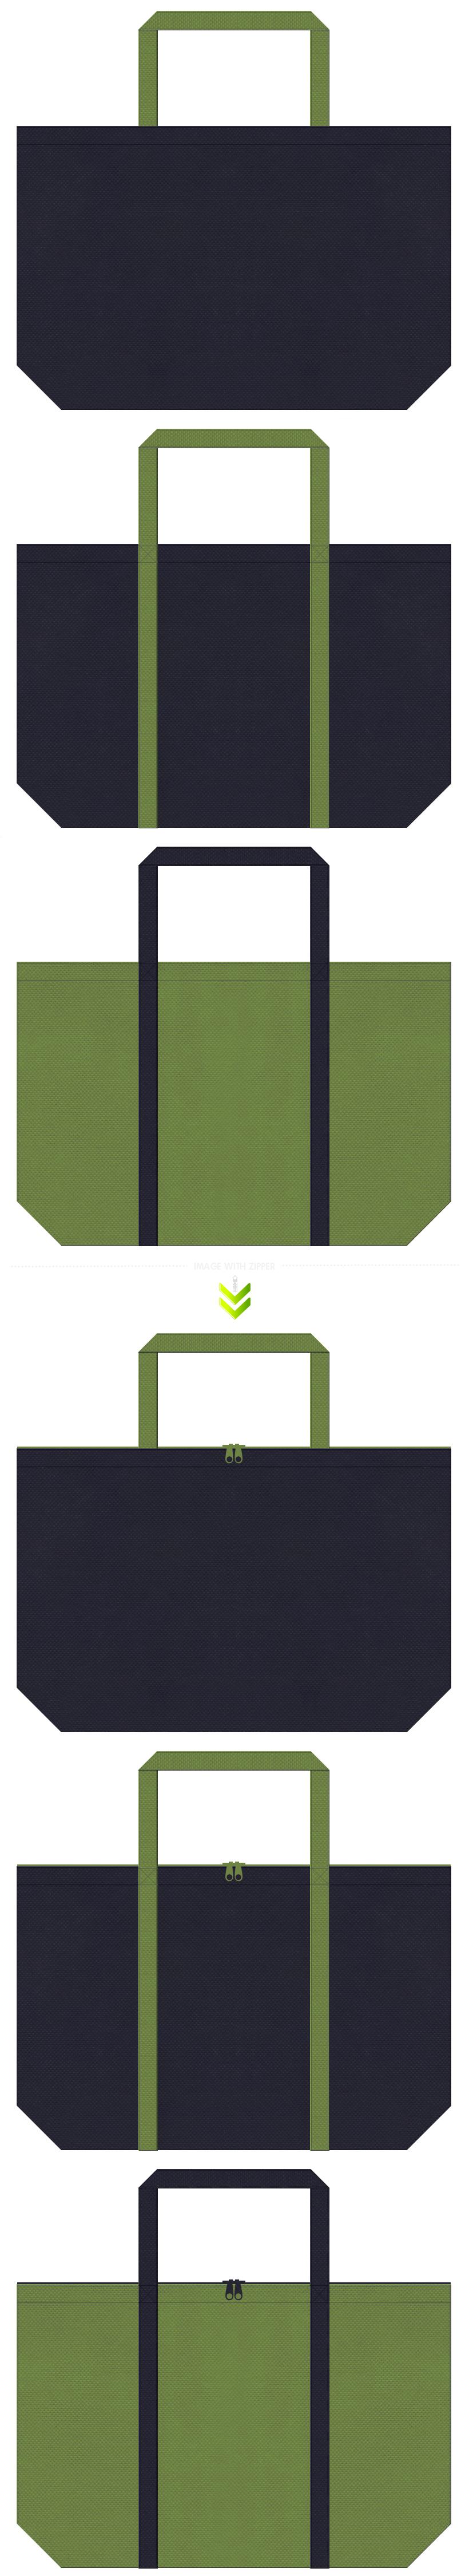 学術・専門書・書籍・書店・剣道・弓道・武道具のショッピングバッグにお奨めの不織布バッグデザイン:濃紺色と草色のコーデ